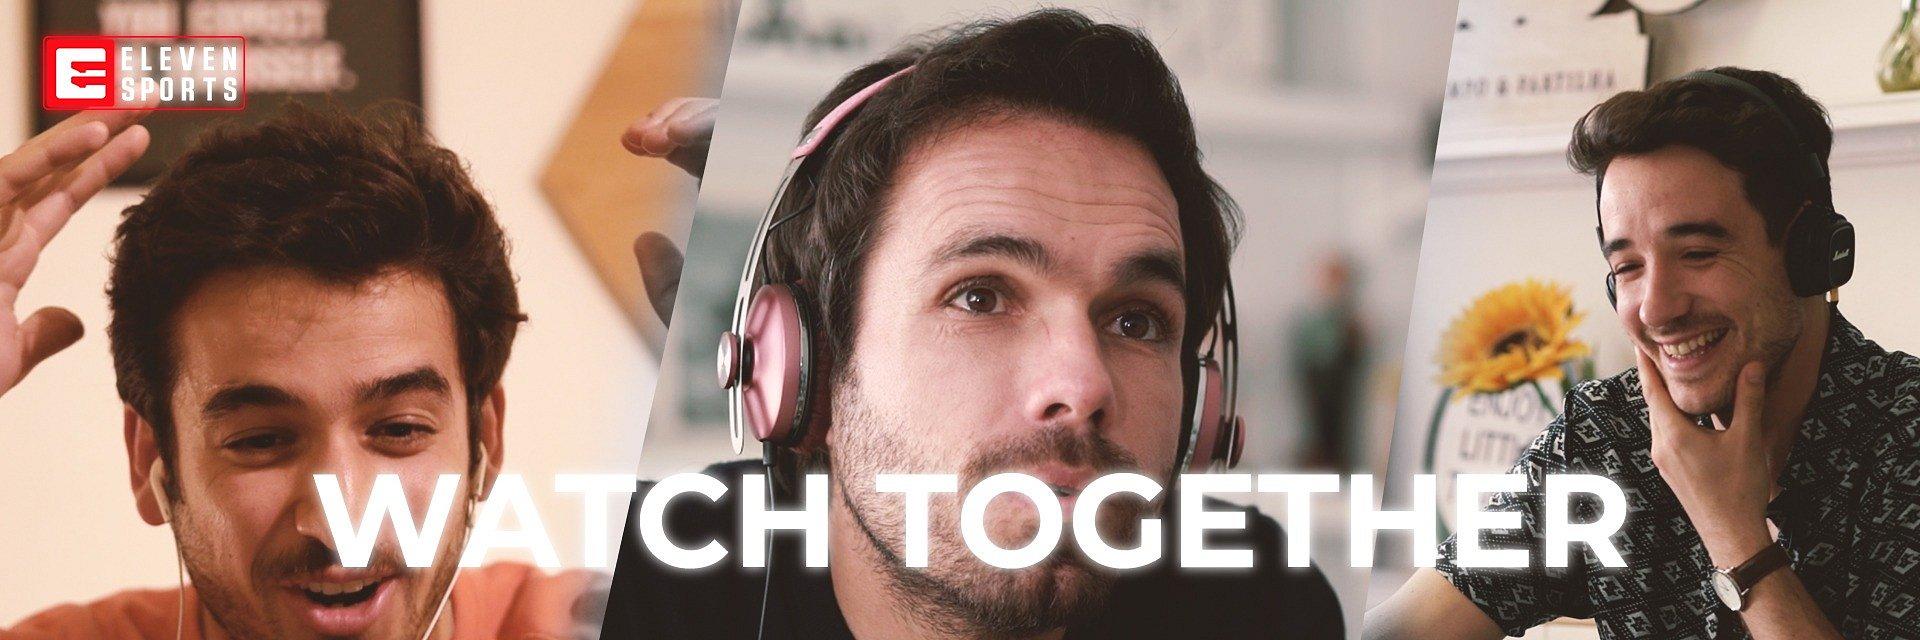 Eleven Sports lança 'Watch Together' em Portugal